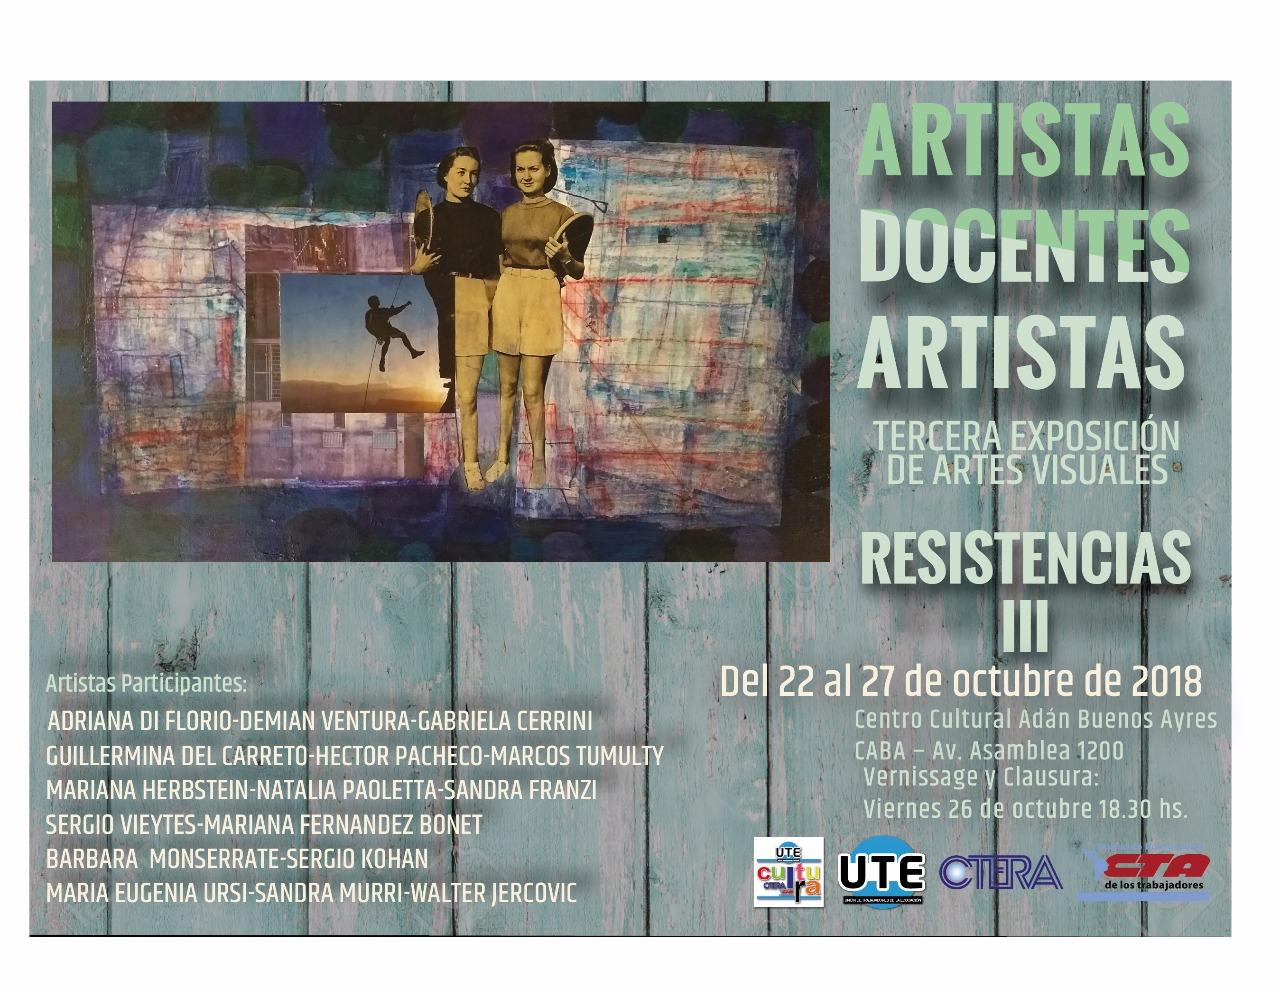 Resistencias III - Muestra de Artes visuales de docentes artistas/artistas docentes.